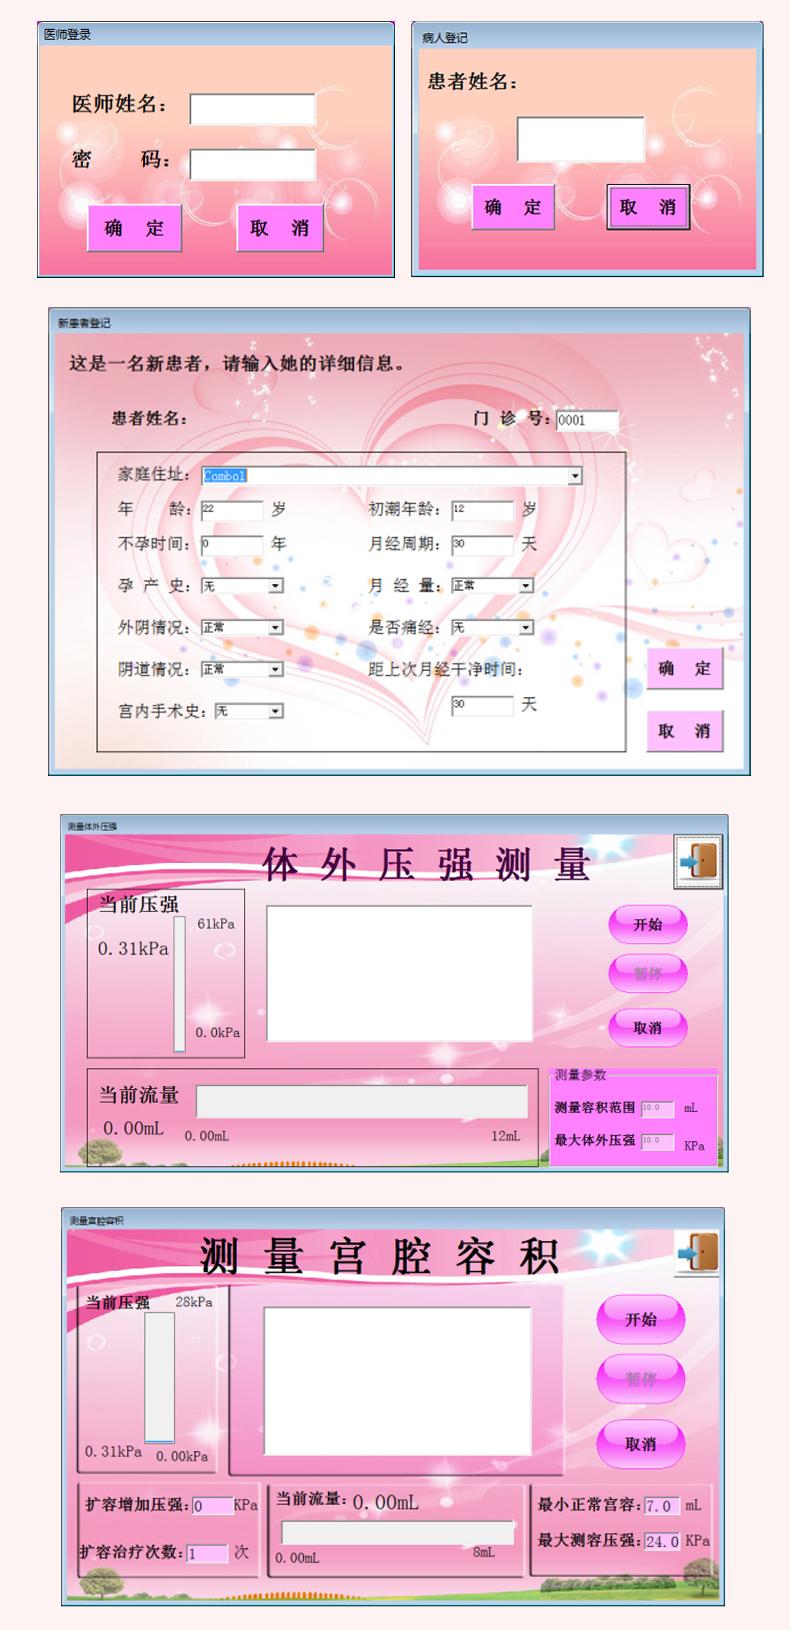 百度妇科_04.jpg